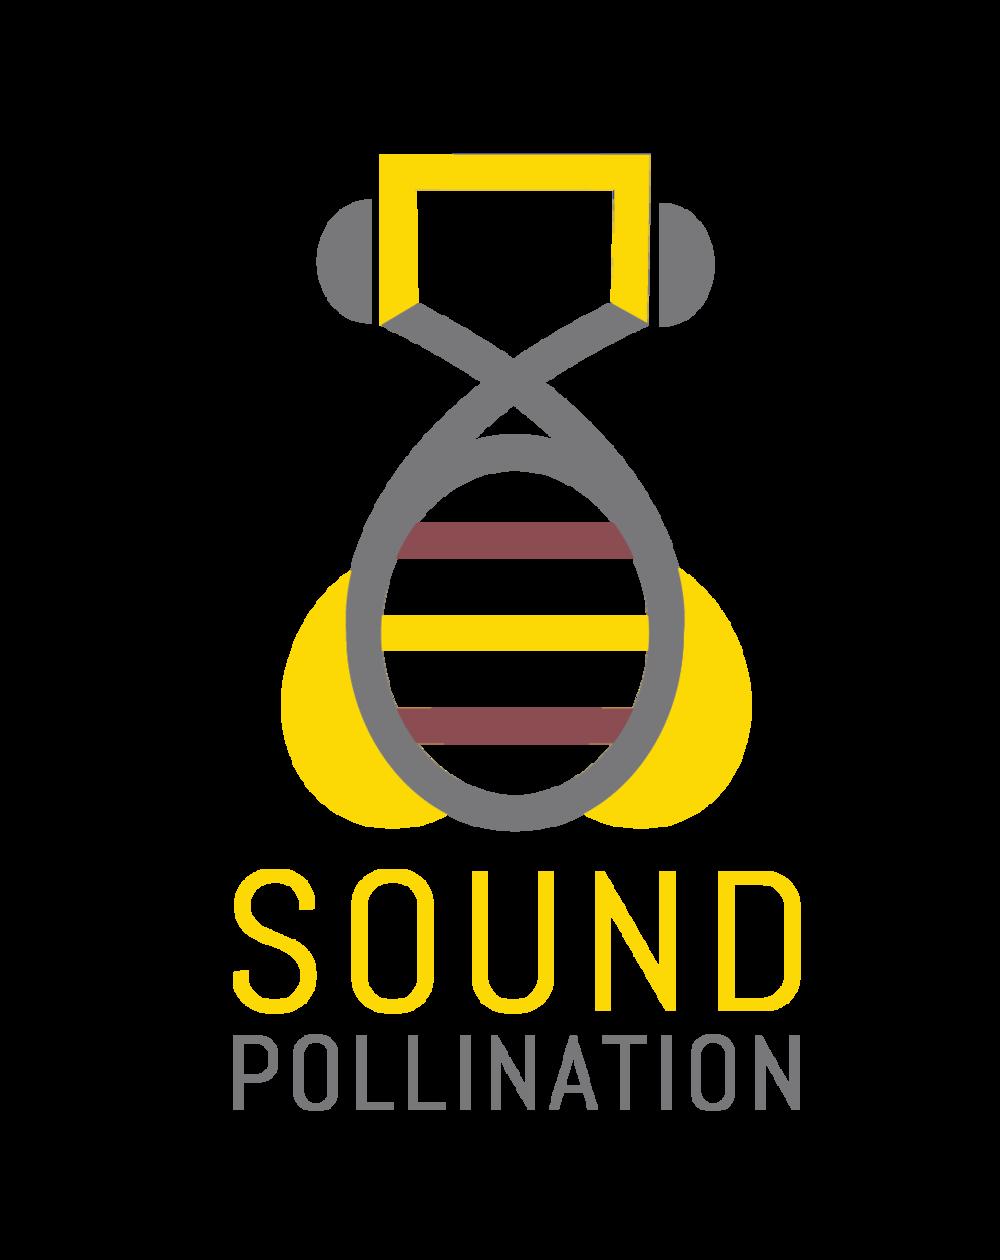 soundpollination_color-02.png